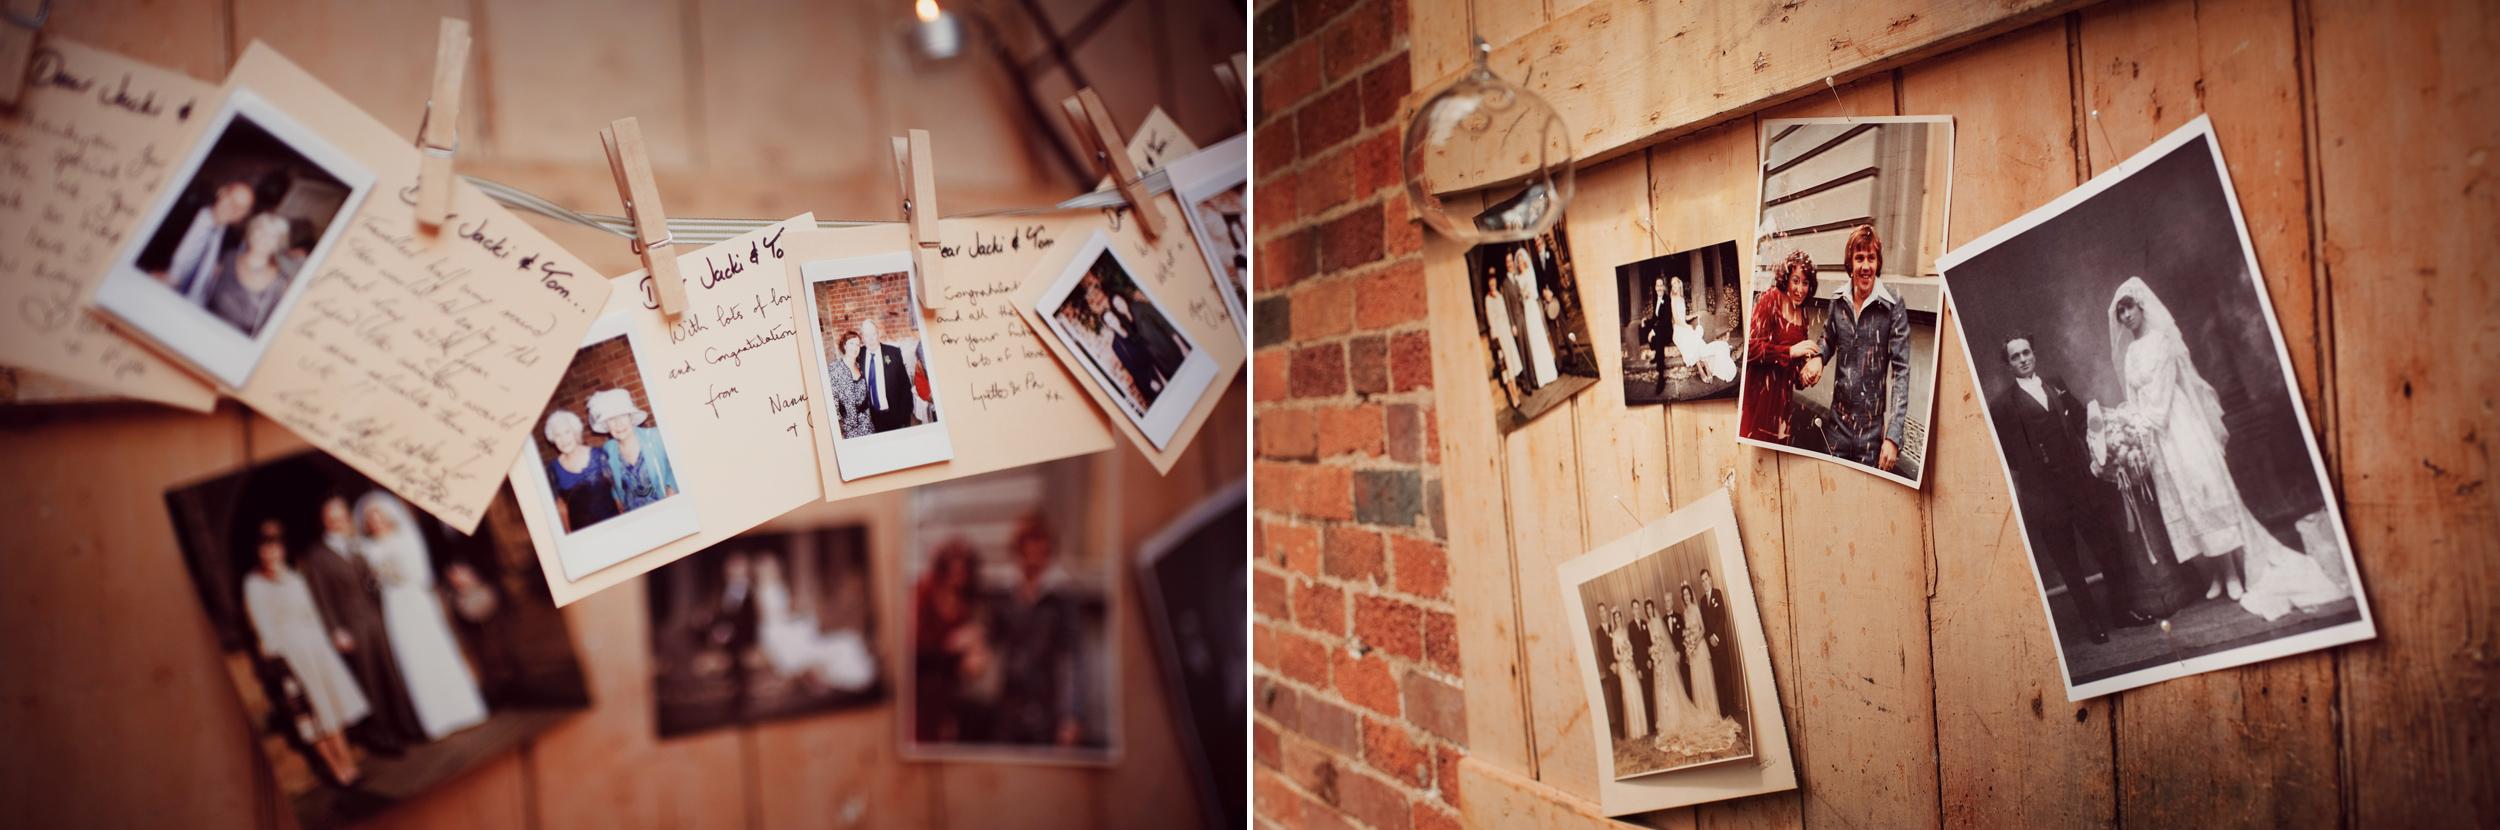 euroa_butter_factory_wedding_photography_83.jpg